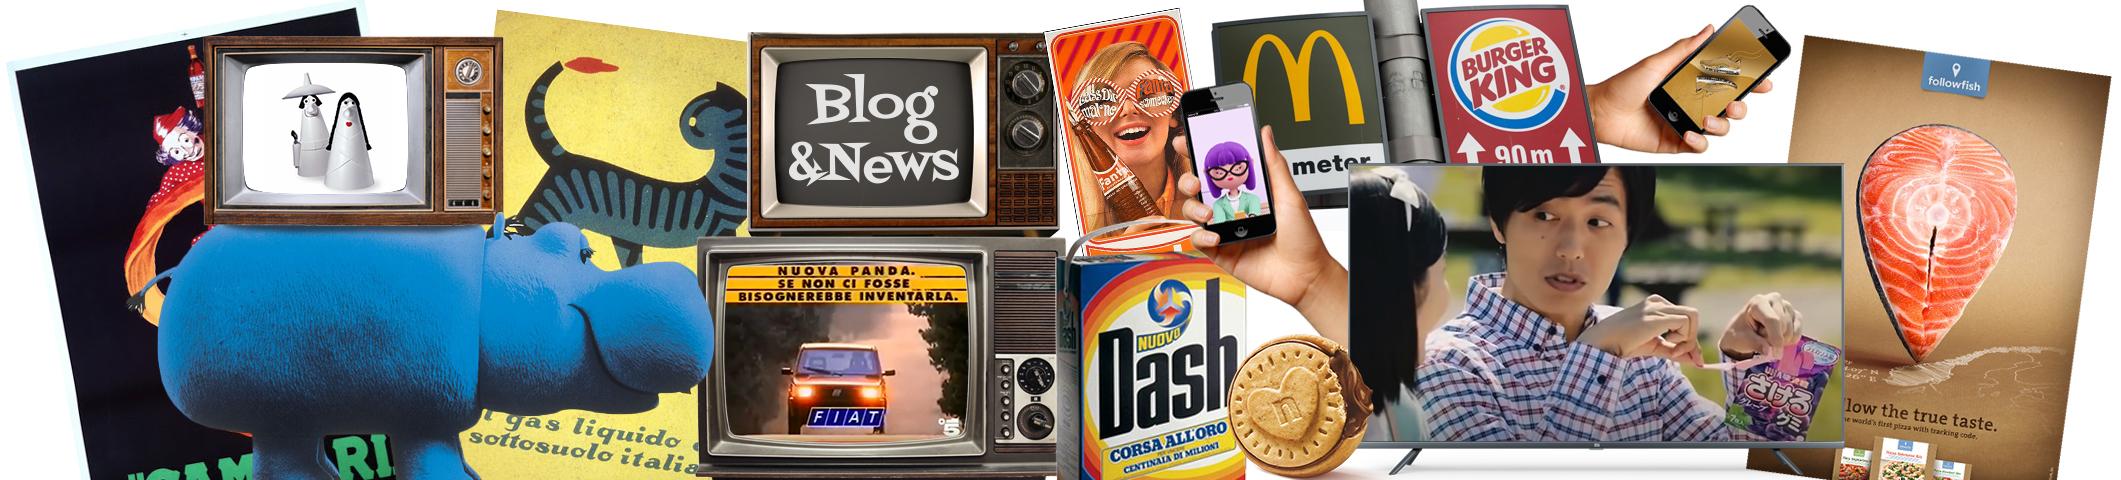 le migliori icone della comunicazione, dal carosello alla comunicazione virale